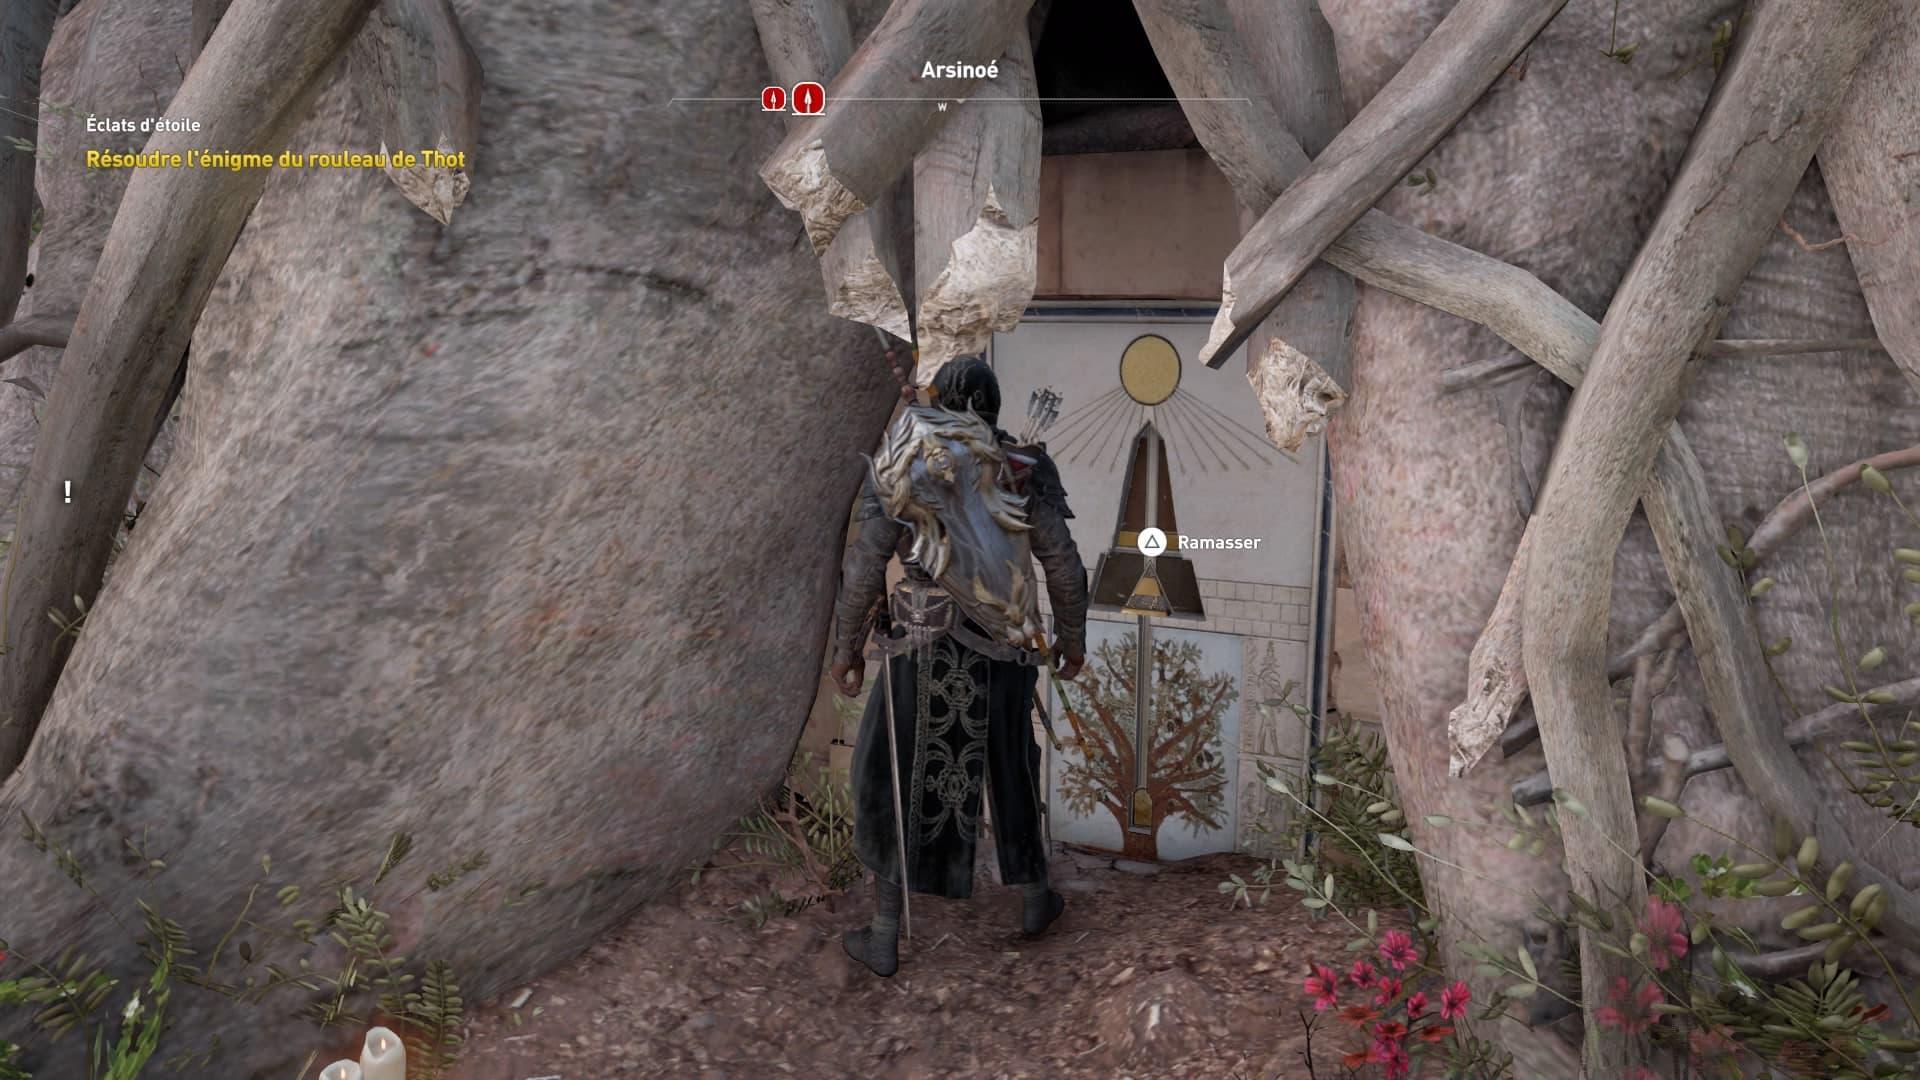 Assassin's Creed Origins: The Hidden Ones Xbox